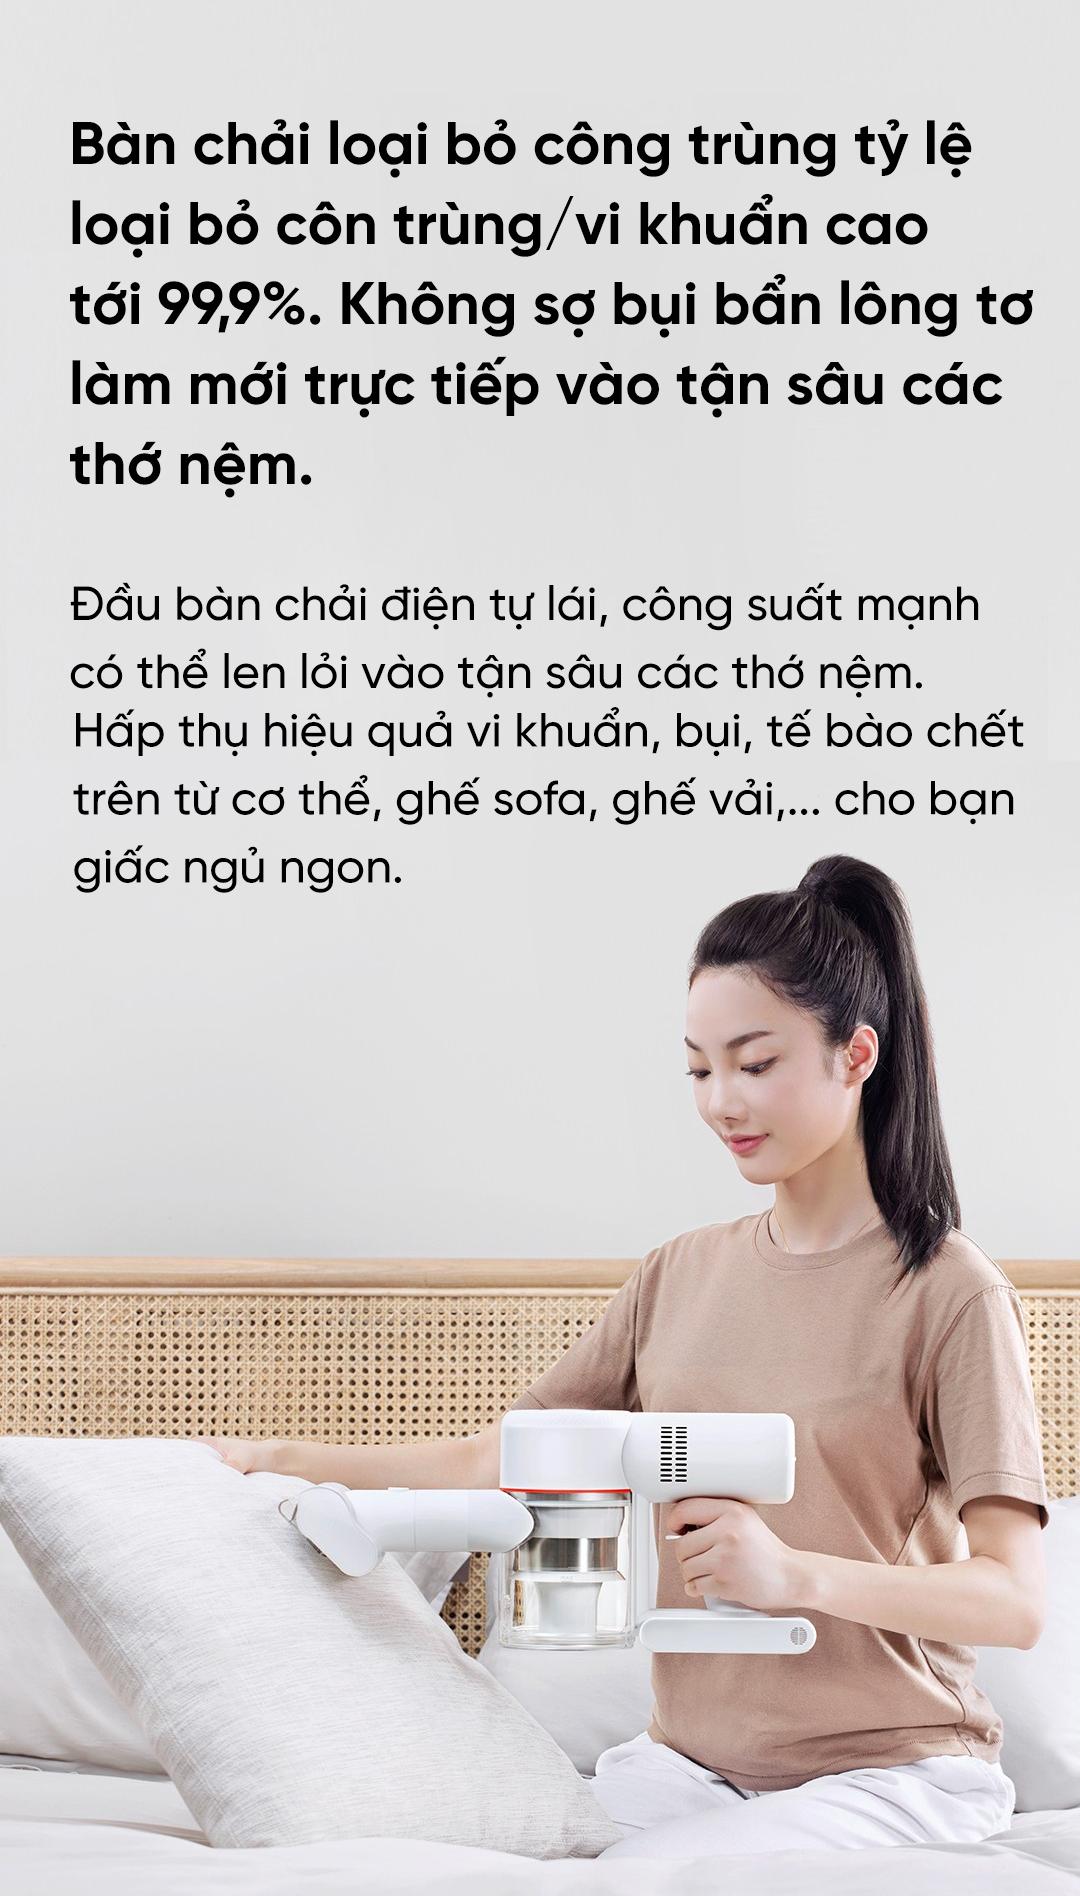 may-hut-bui-khong-day-chasing-v9-012 copy